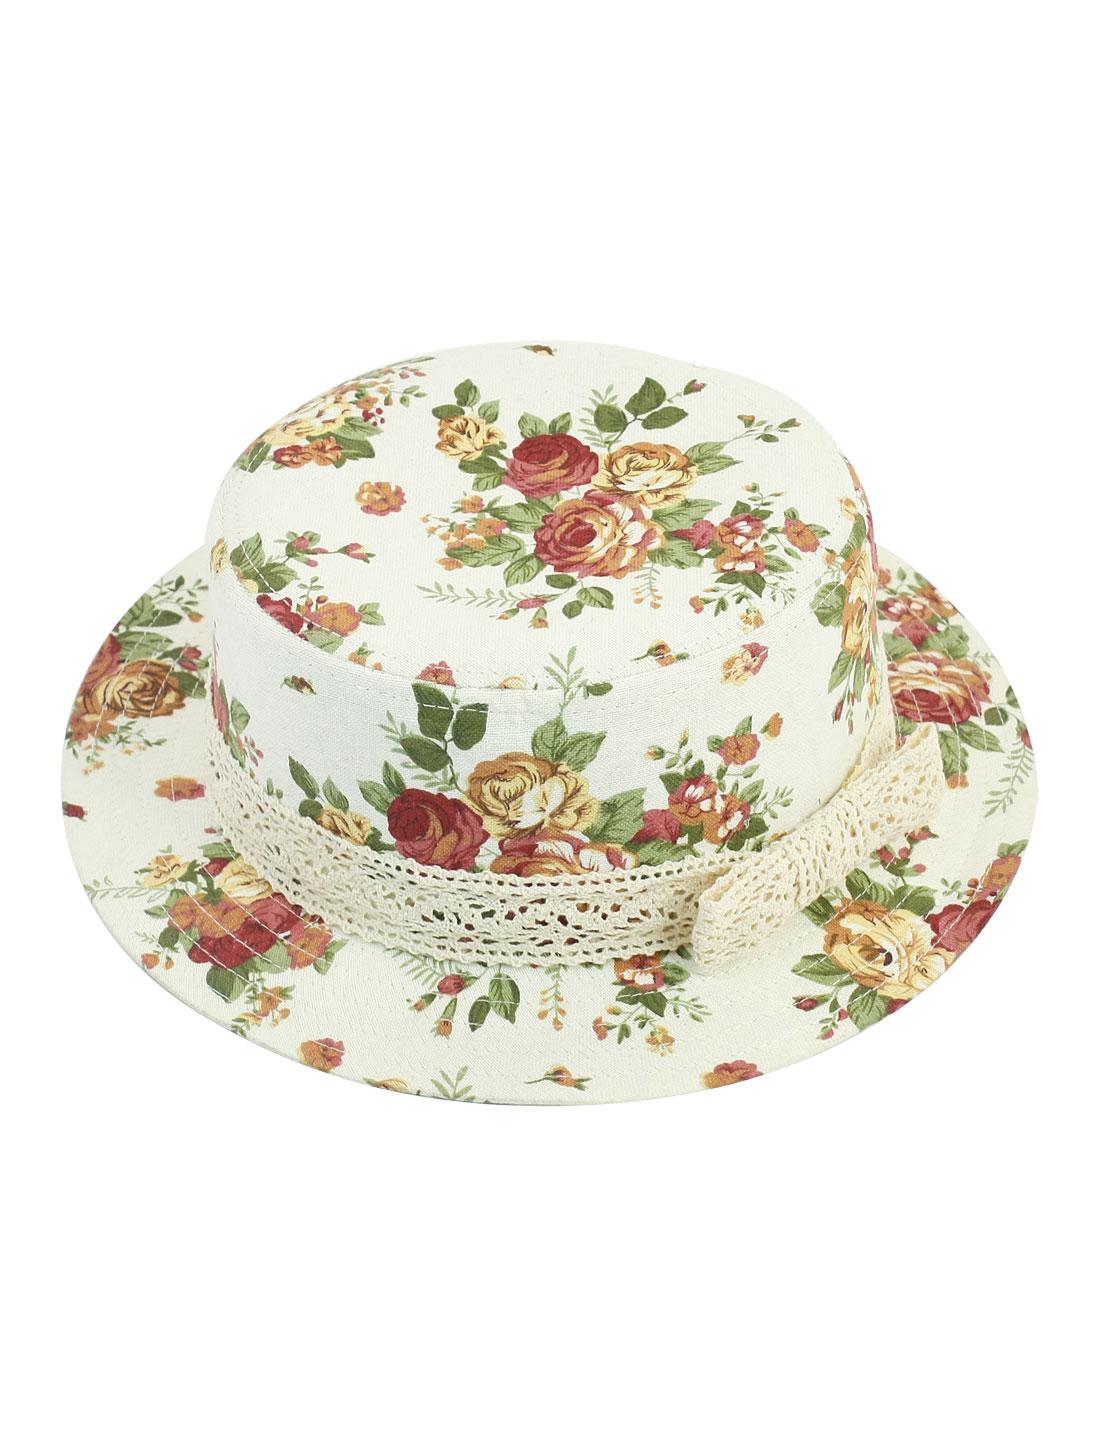 Woman Floral Prints Lace Bowknot Decoration Outdoors Beach Sun Hat Cap White